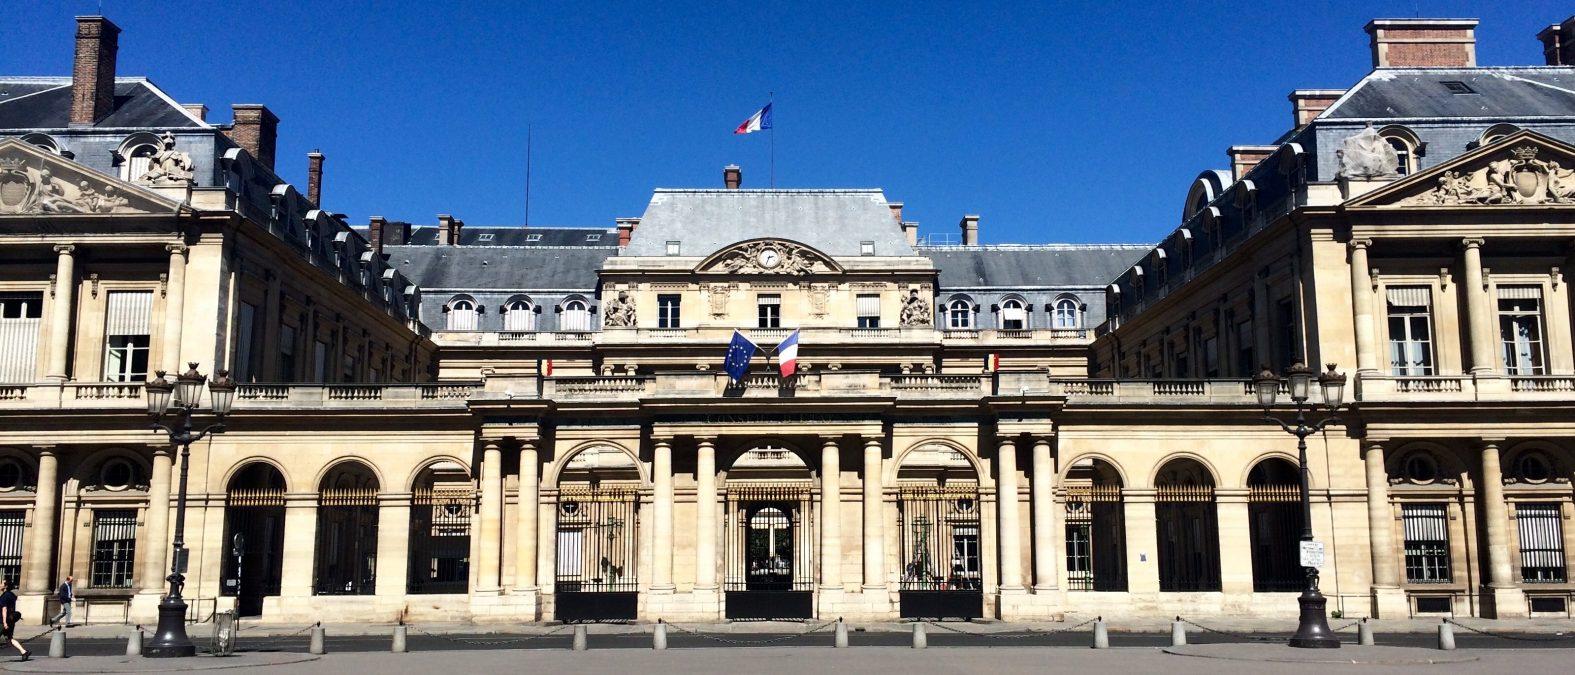 Palais-Royal oggi